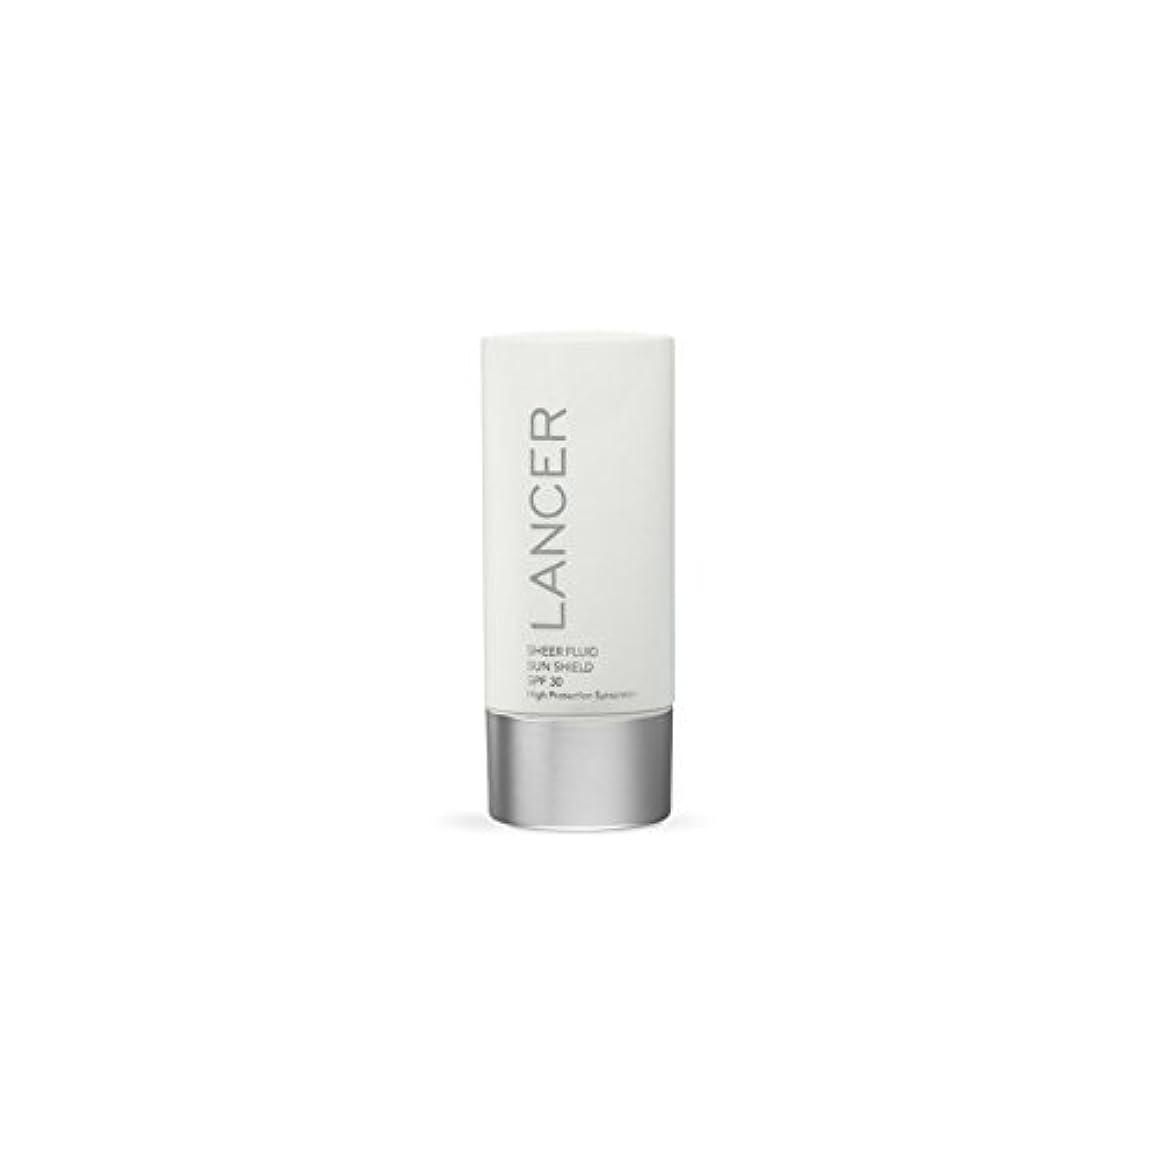 ラブ下ジョグLancer Skincare Sheer Fluid Sun Shield Spf 30 (60ml) (Pack of 6) - ランサースキンケア切り立った流体サンシールド 30(60ミリリットル) x6 [並行輸入品]